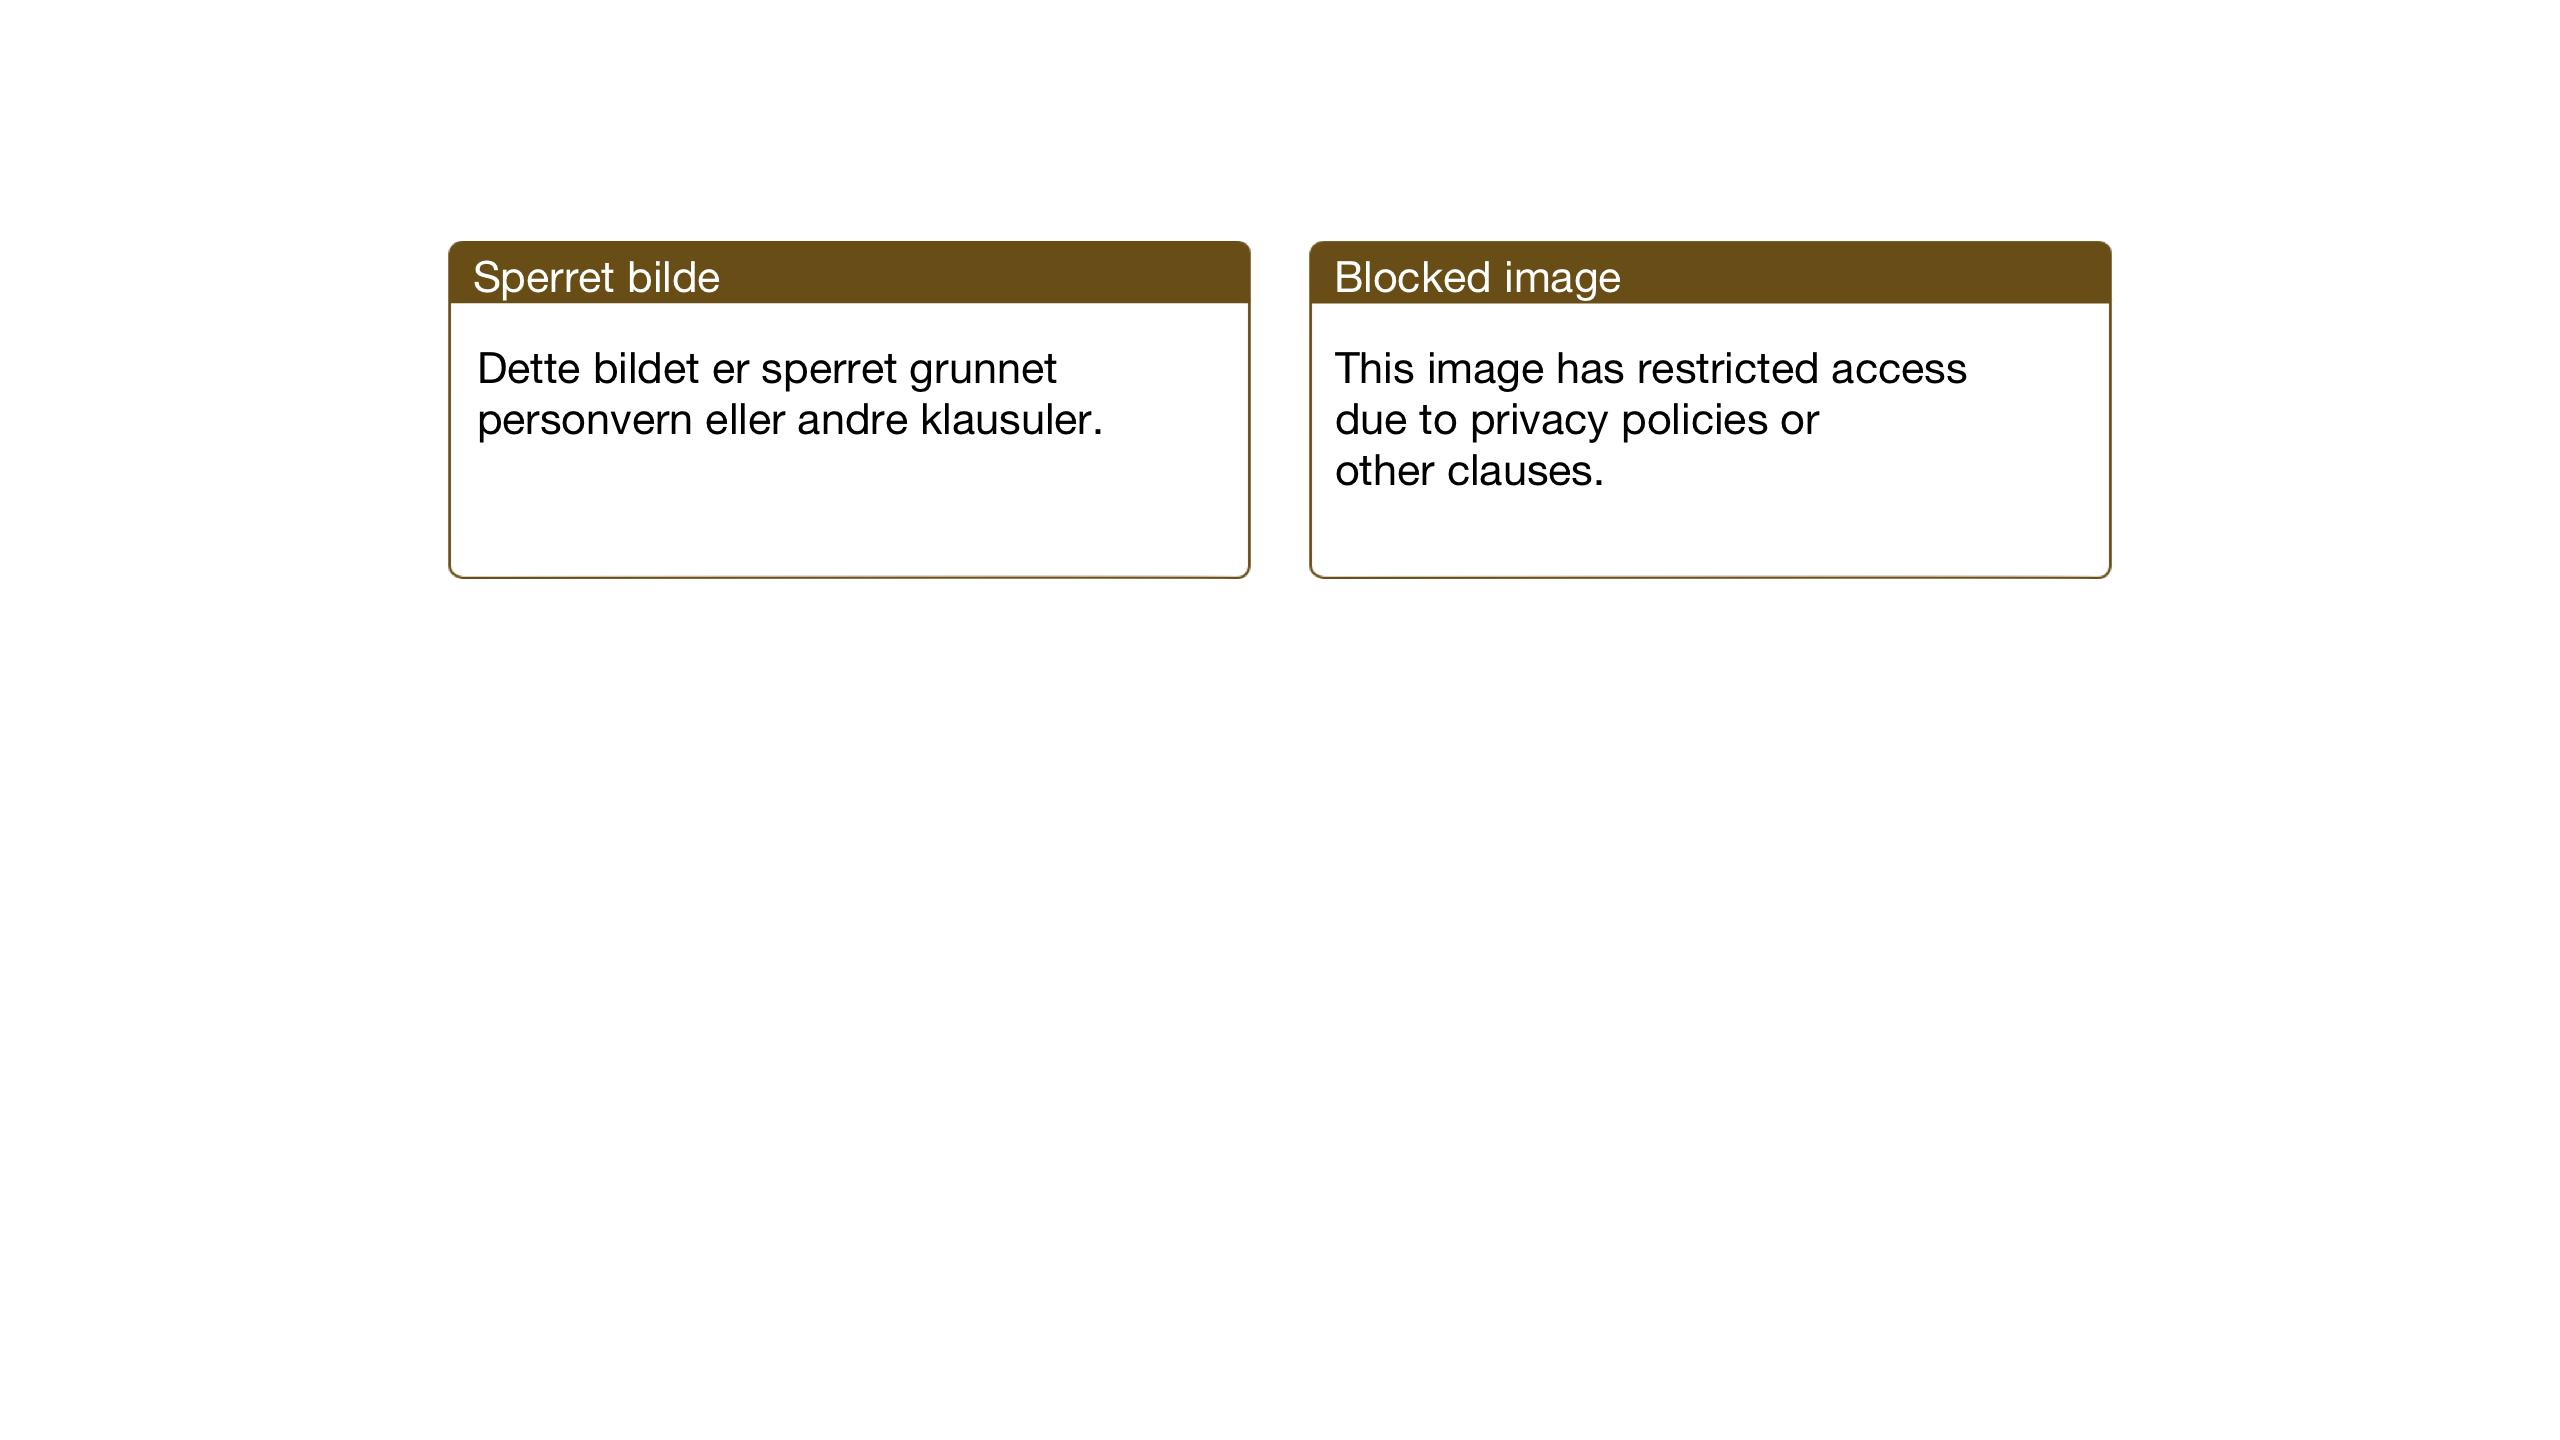 SAT, Ministerialprotokoller, klokkerbøker og fødselsregistre - Sør-Trøndelag, 662/L0758: Klokkerbok nr. 662C03, 1918-1948, s. 162